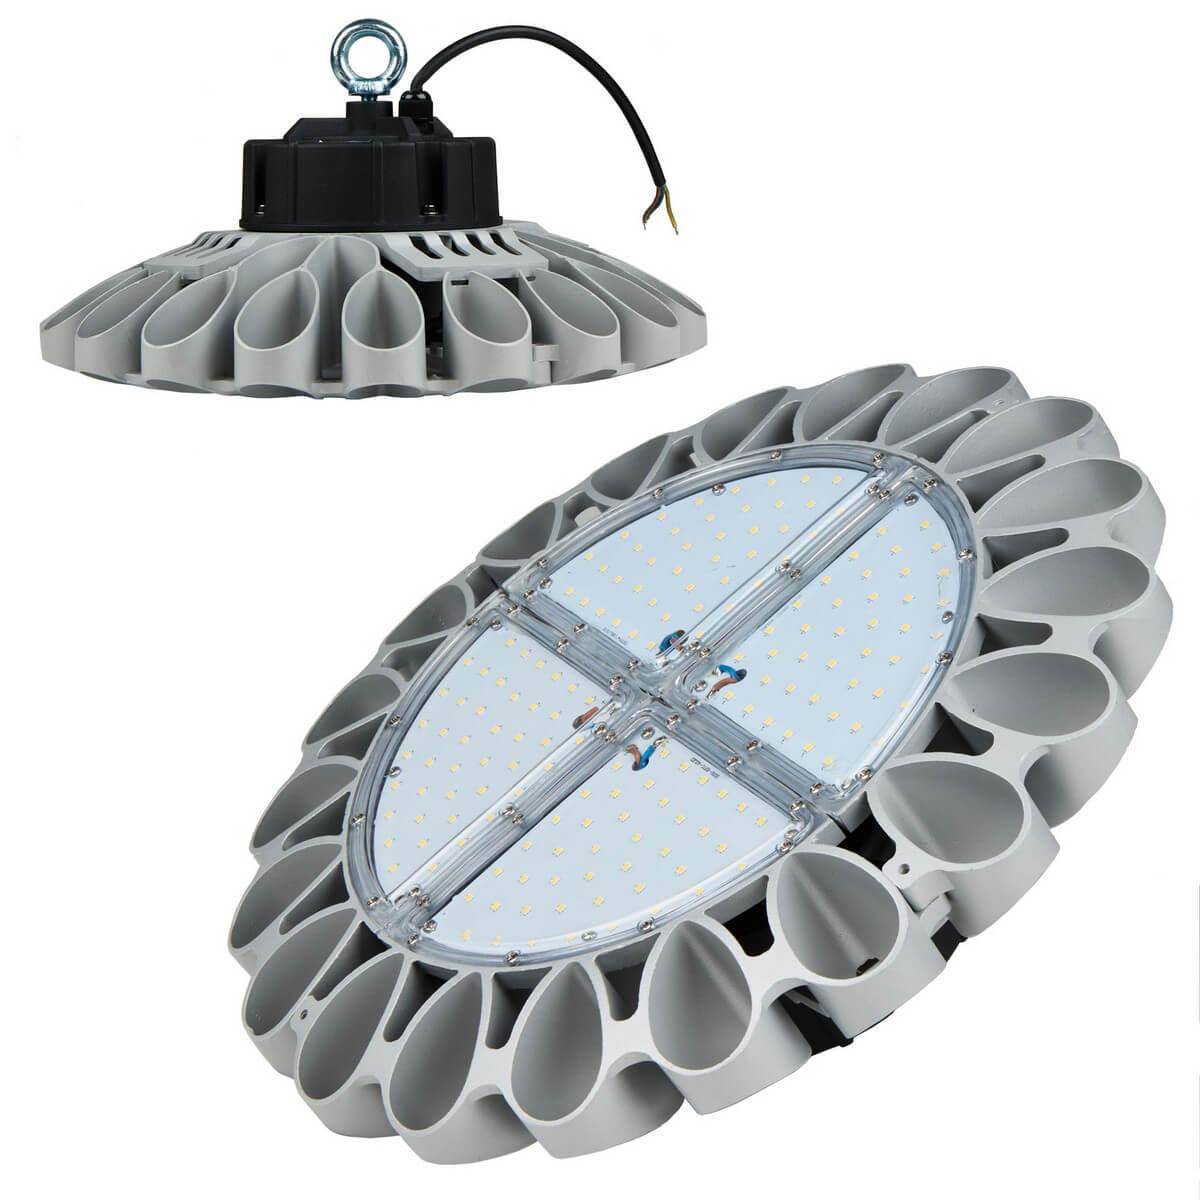 Подвесной светодиодный светильник (UL-00001705) Uniel ULY-U30C-100W/NW IP65 Silver подвесной светодиодный светильник ul 00002057 uniel uly u30b 100w dw ip65 silver